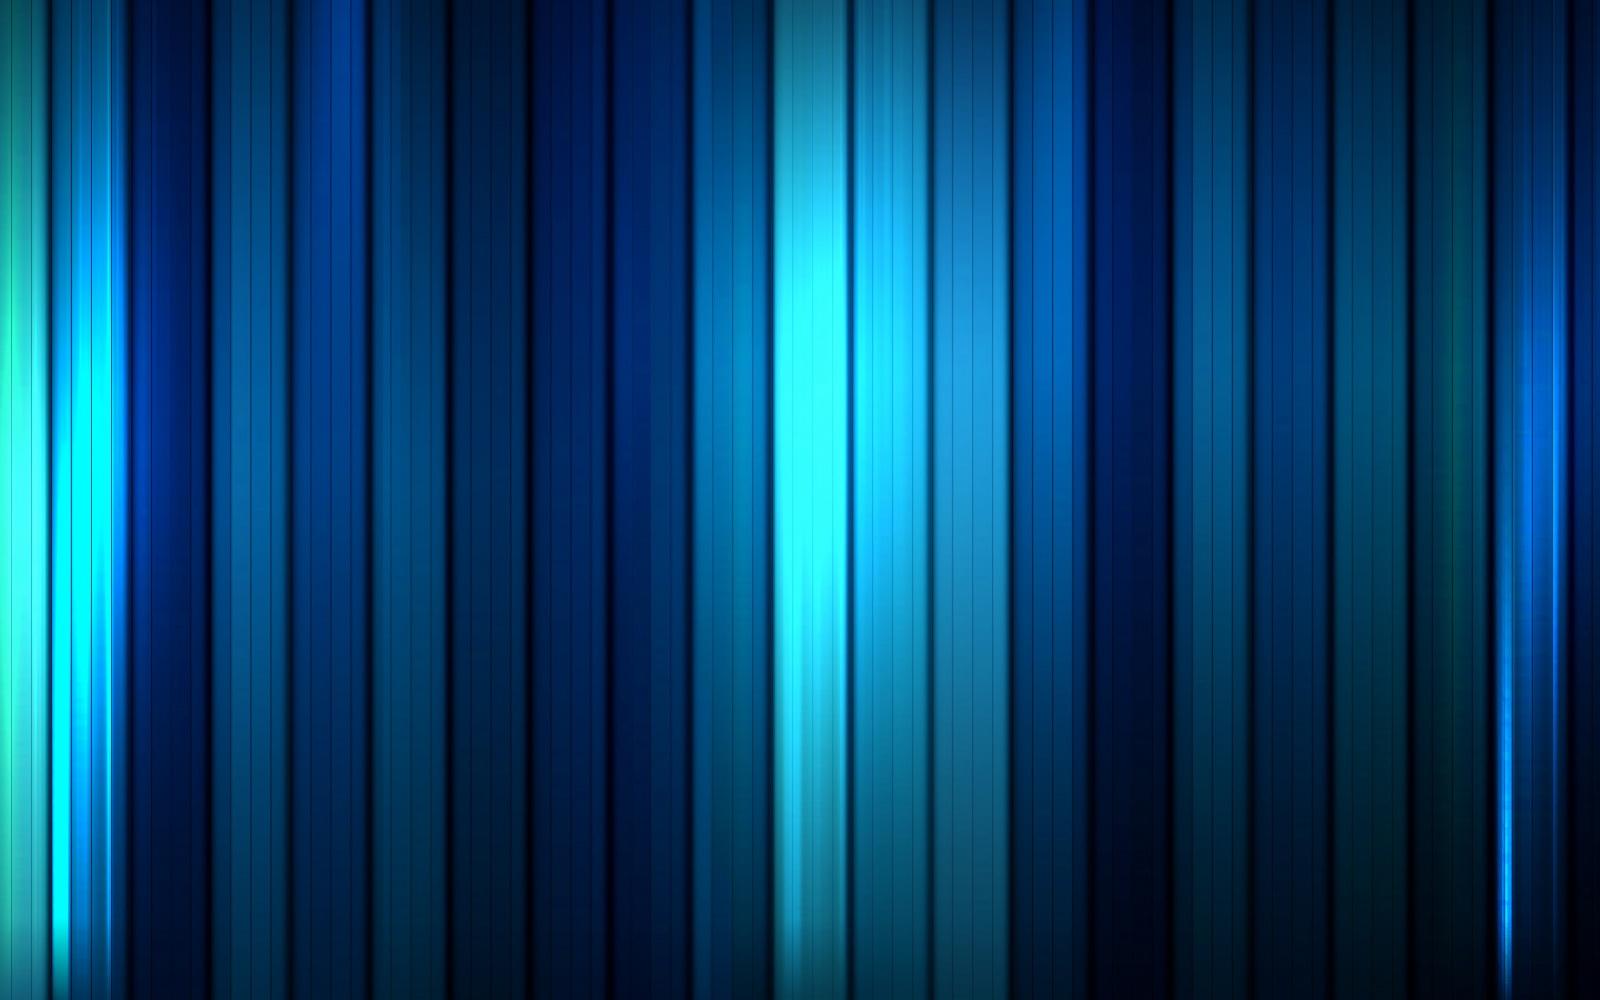 WALLPAPER VIEWS: Blue hd wallpaper, 3d blue wallpaper, new blue wallpaper